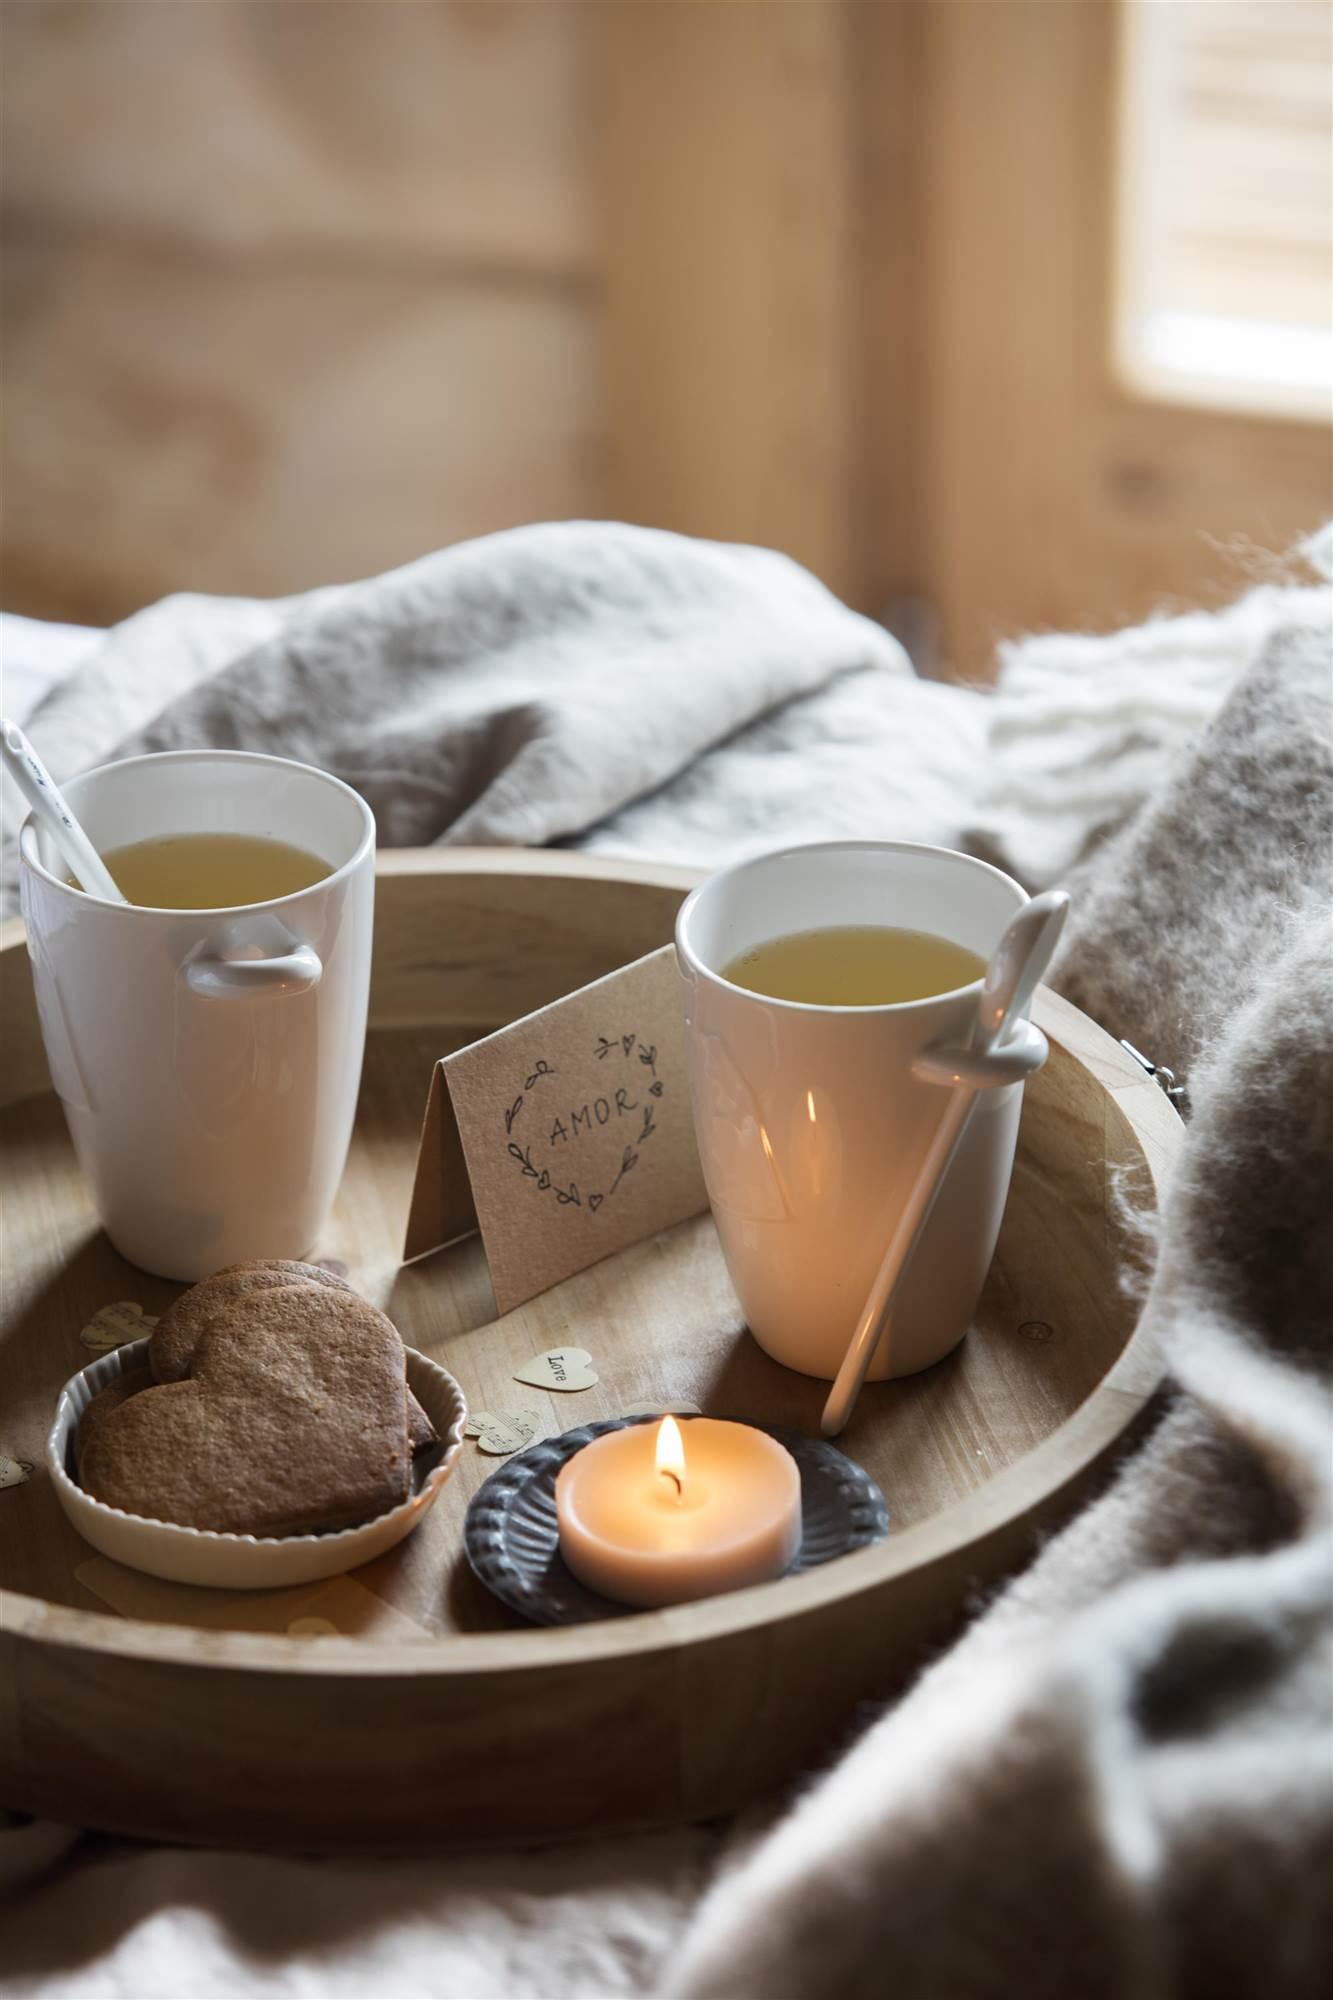 Secretos de alcoba el desayuno en la cama - Bandeja desayuno cama ...